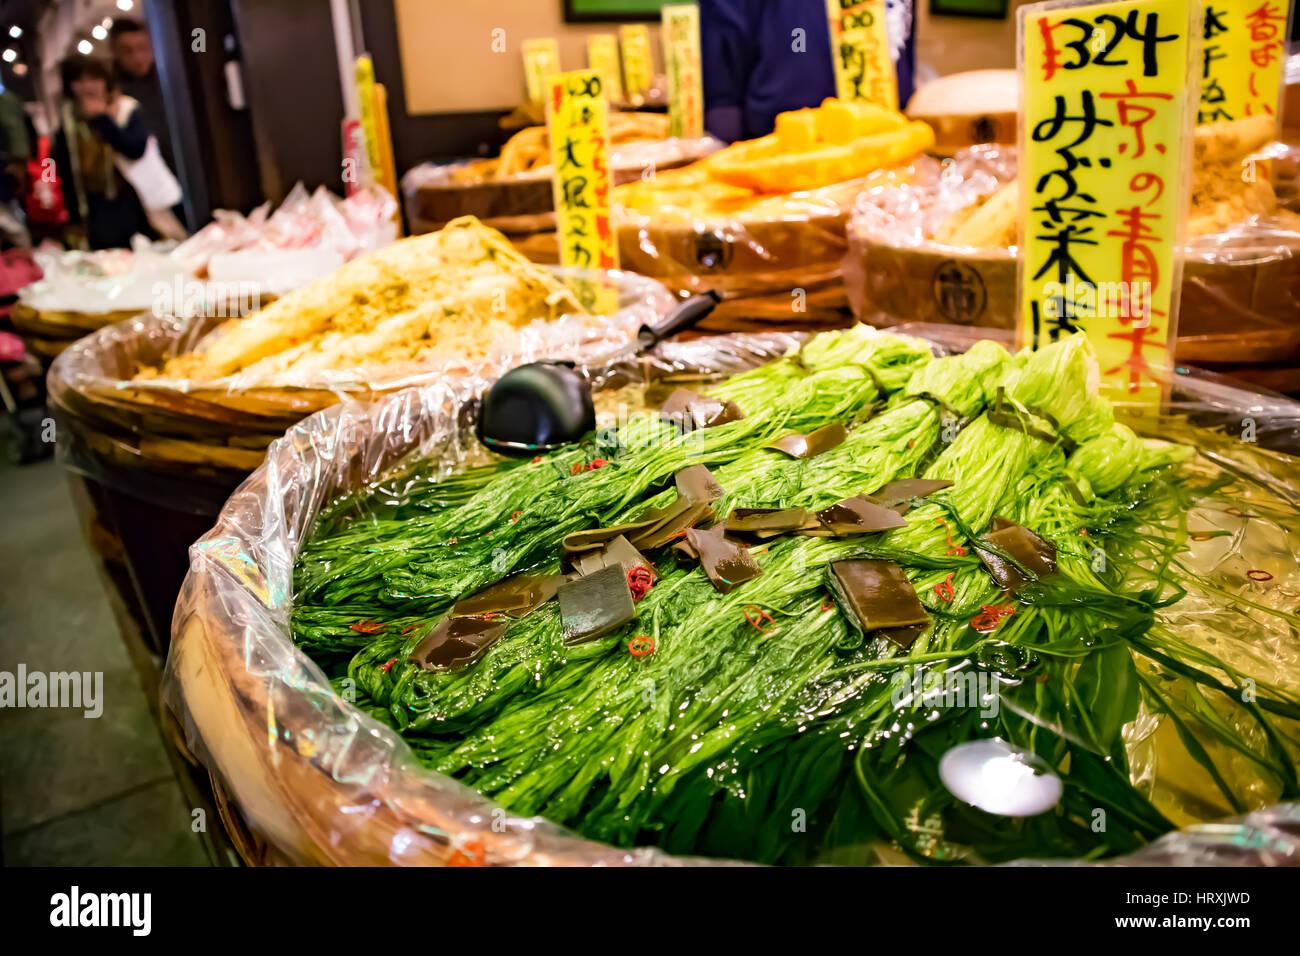 Frische Meeresfrüchte-Markt auf Karasuma-Straße. Stockbild